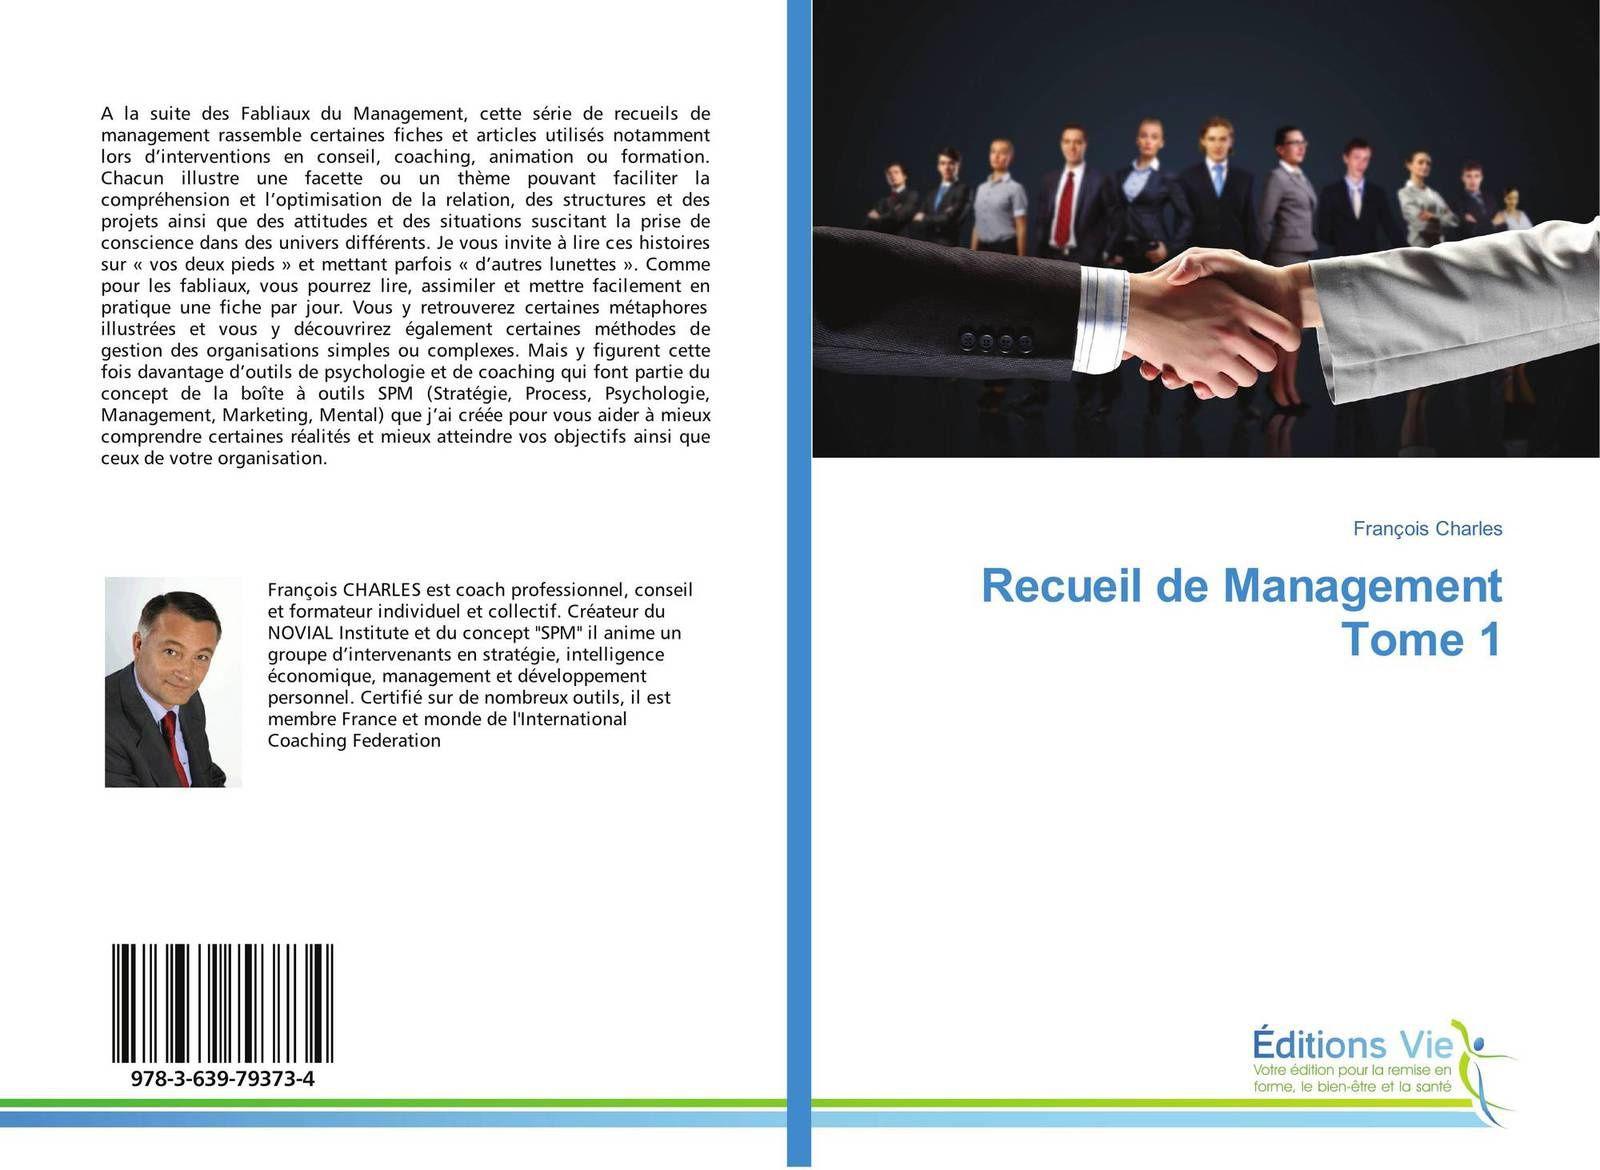 Les fabliaux du management, référencé dans de nombreuses écoles, bientôt suivi de nouveaux volumes de fables et les Recueils de management qui regroupent les nombreux articles thématiques publiés sur notre site